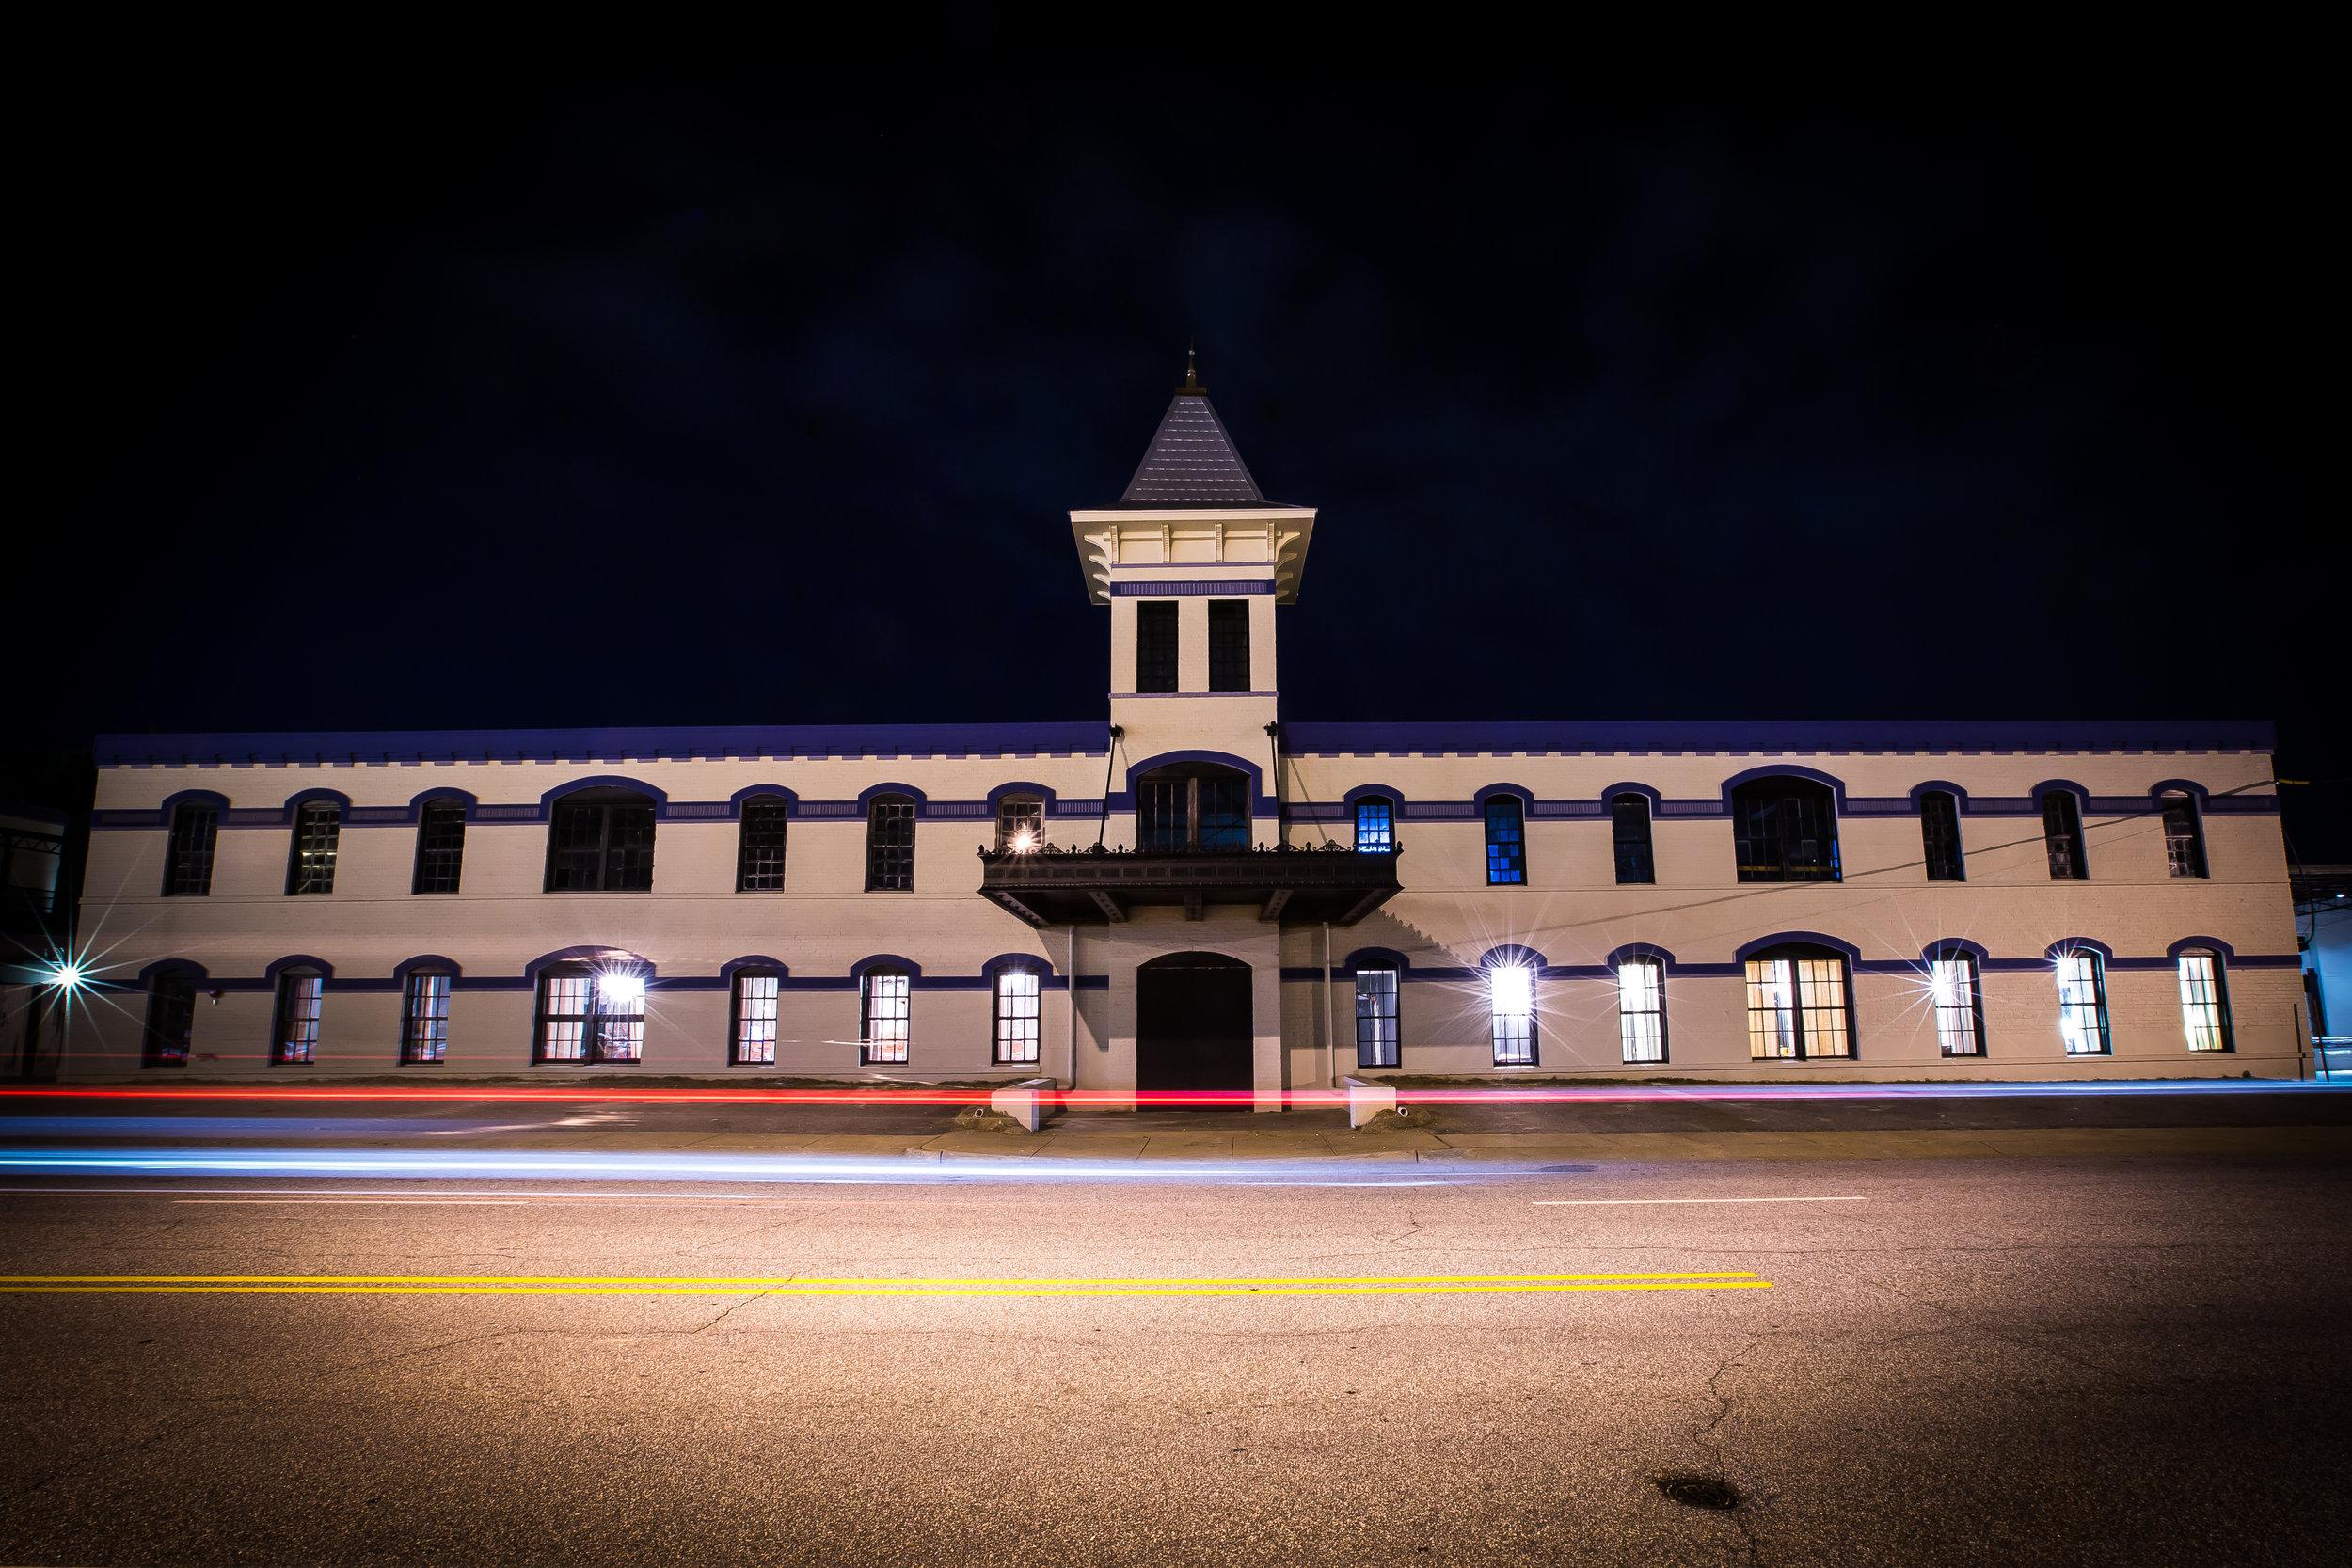 The Southerly Community - Opelika, Alabama